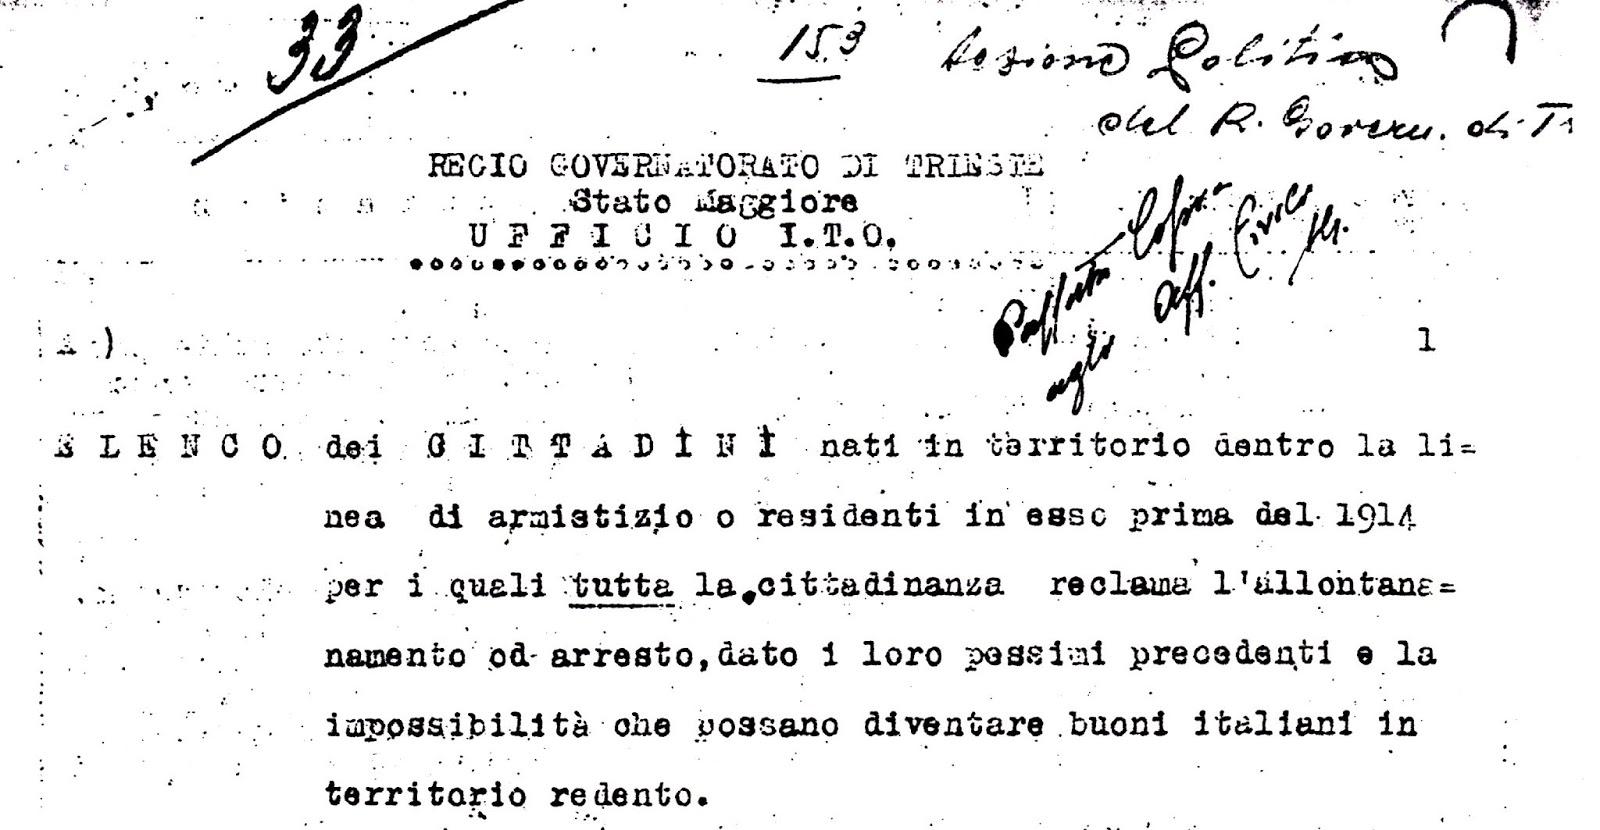 TRIESTE DICEMBRE 1918, OPERAZIONE EPURAZIONE: ALLONTANATE I CATTIVI ITALIANI DA TRIESTE